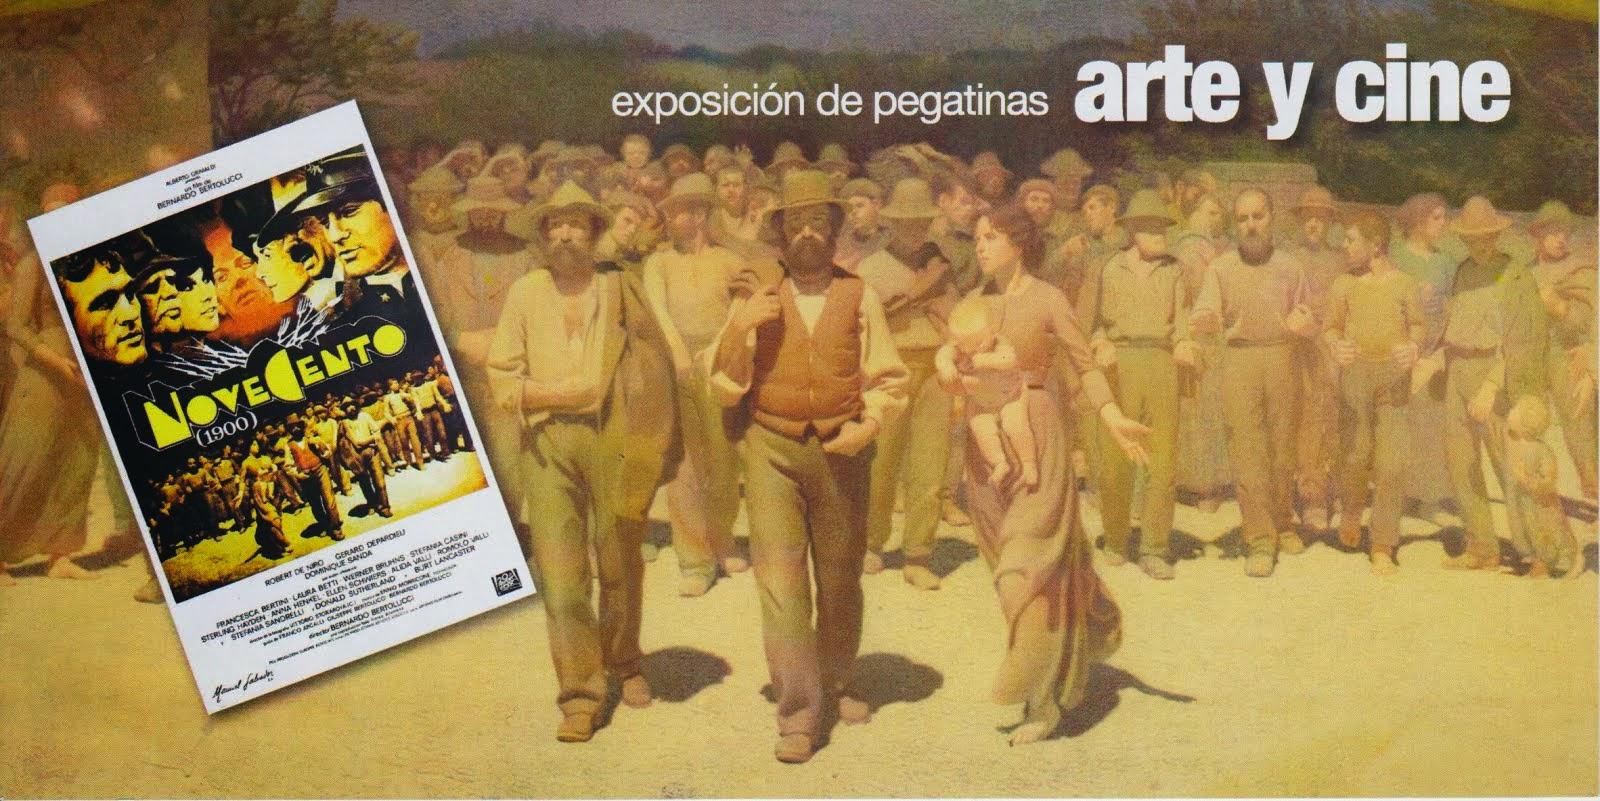 EXPOSICION DE PEGATINAS ARTE Y CINE: NOVECENTO